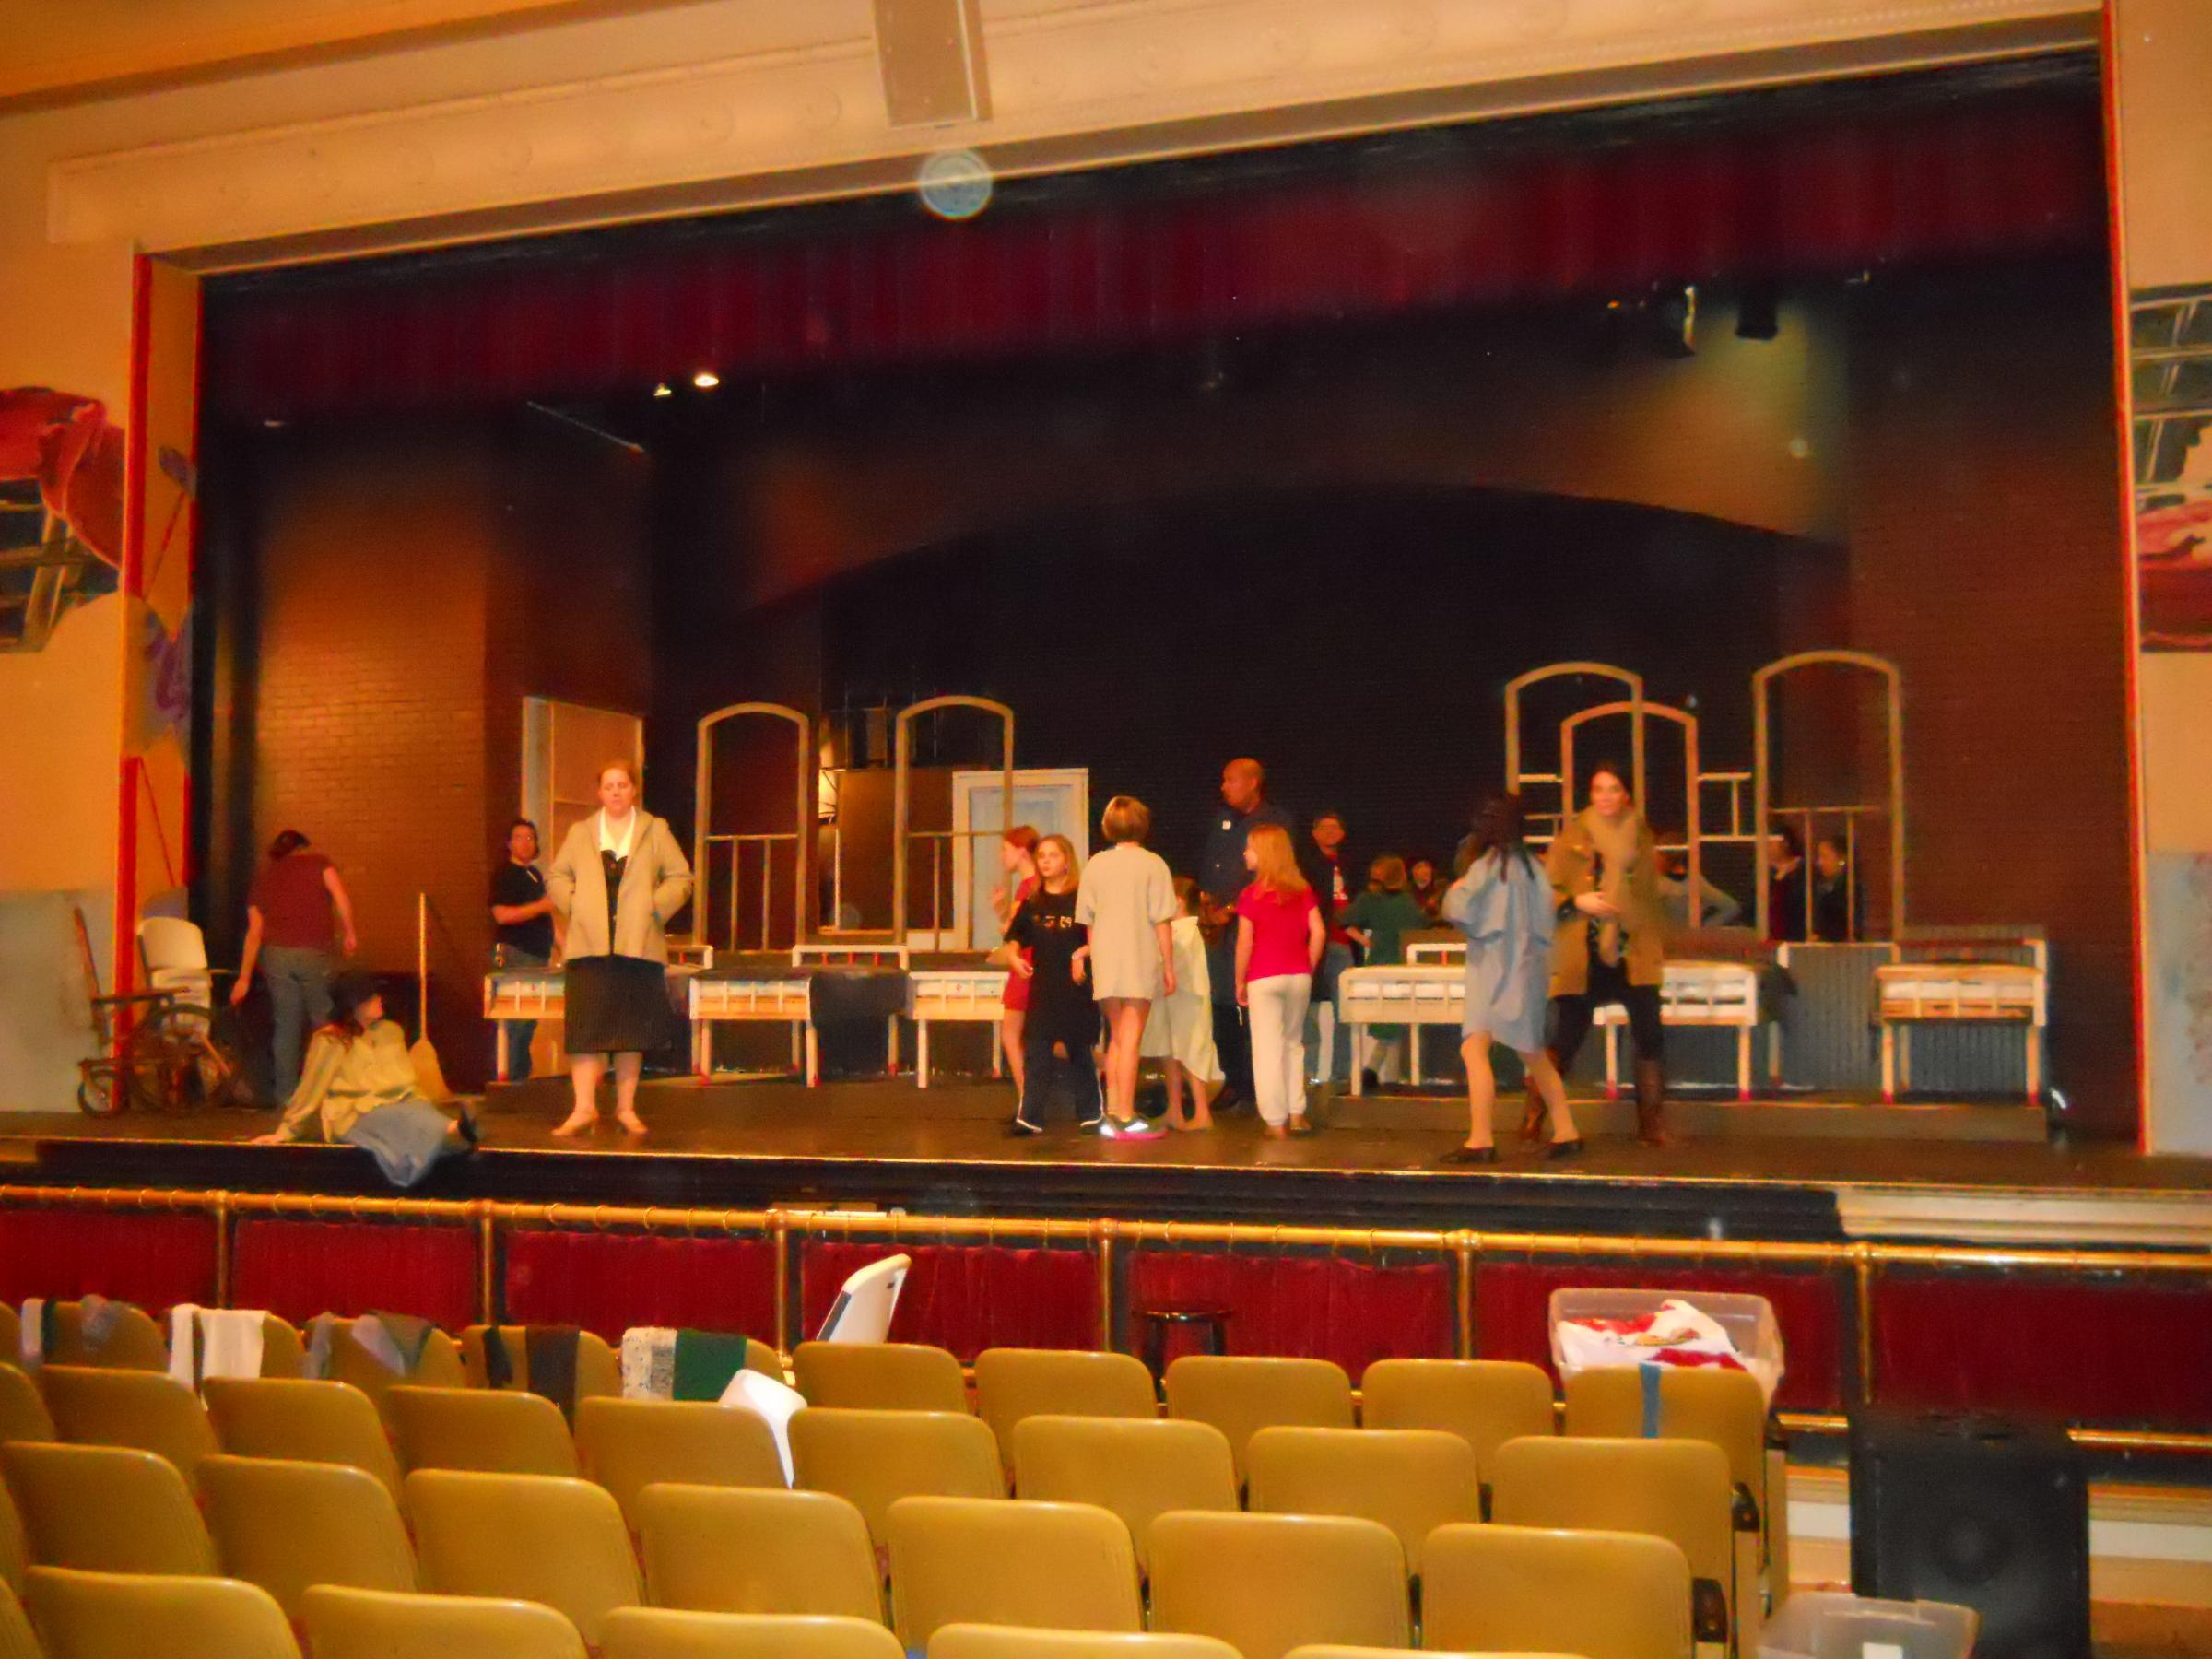 San Antonio Playhouse